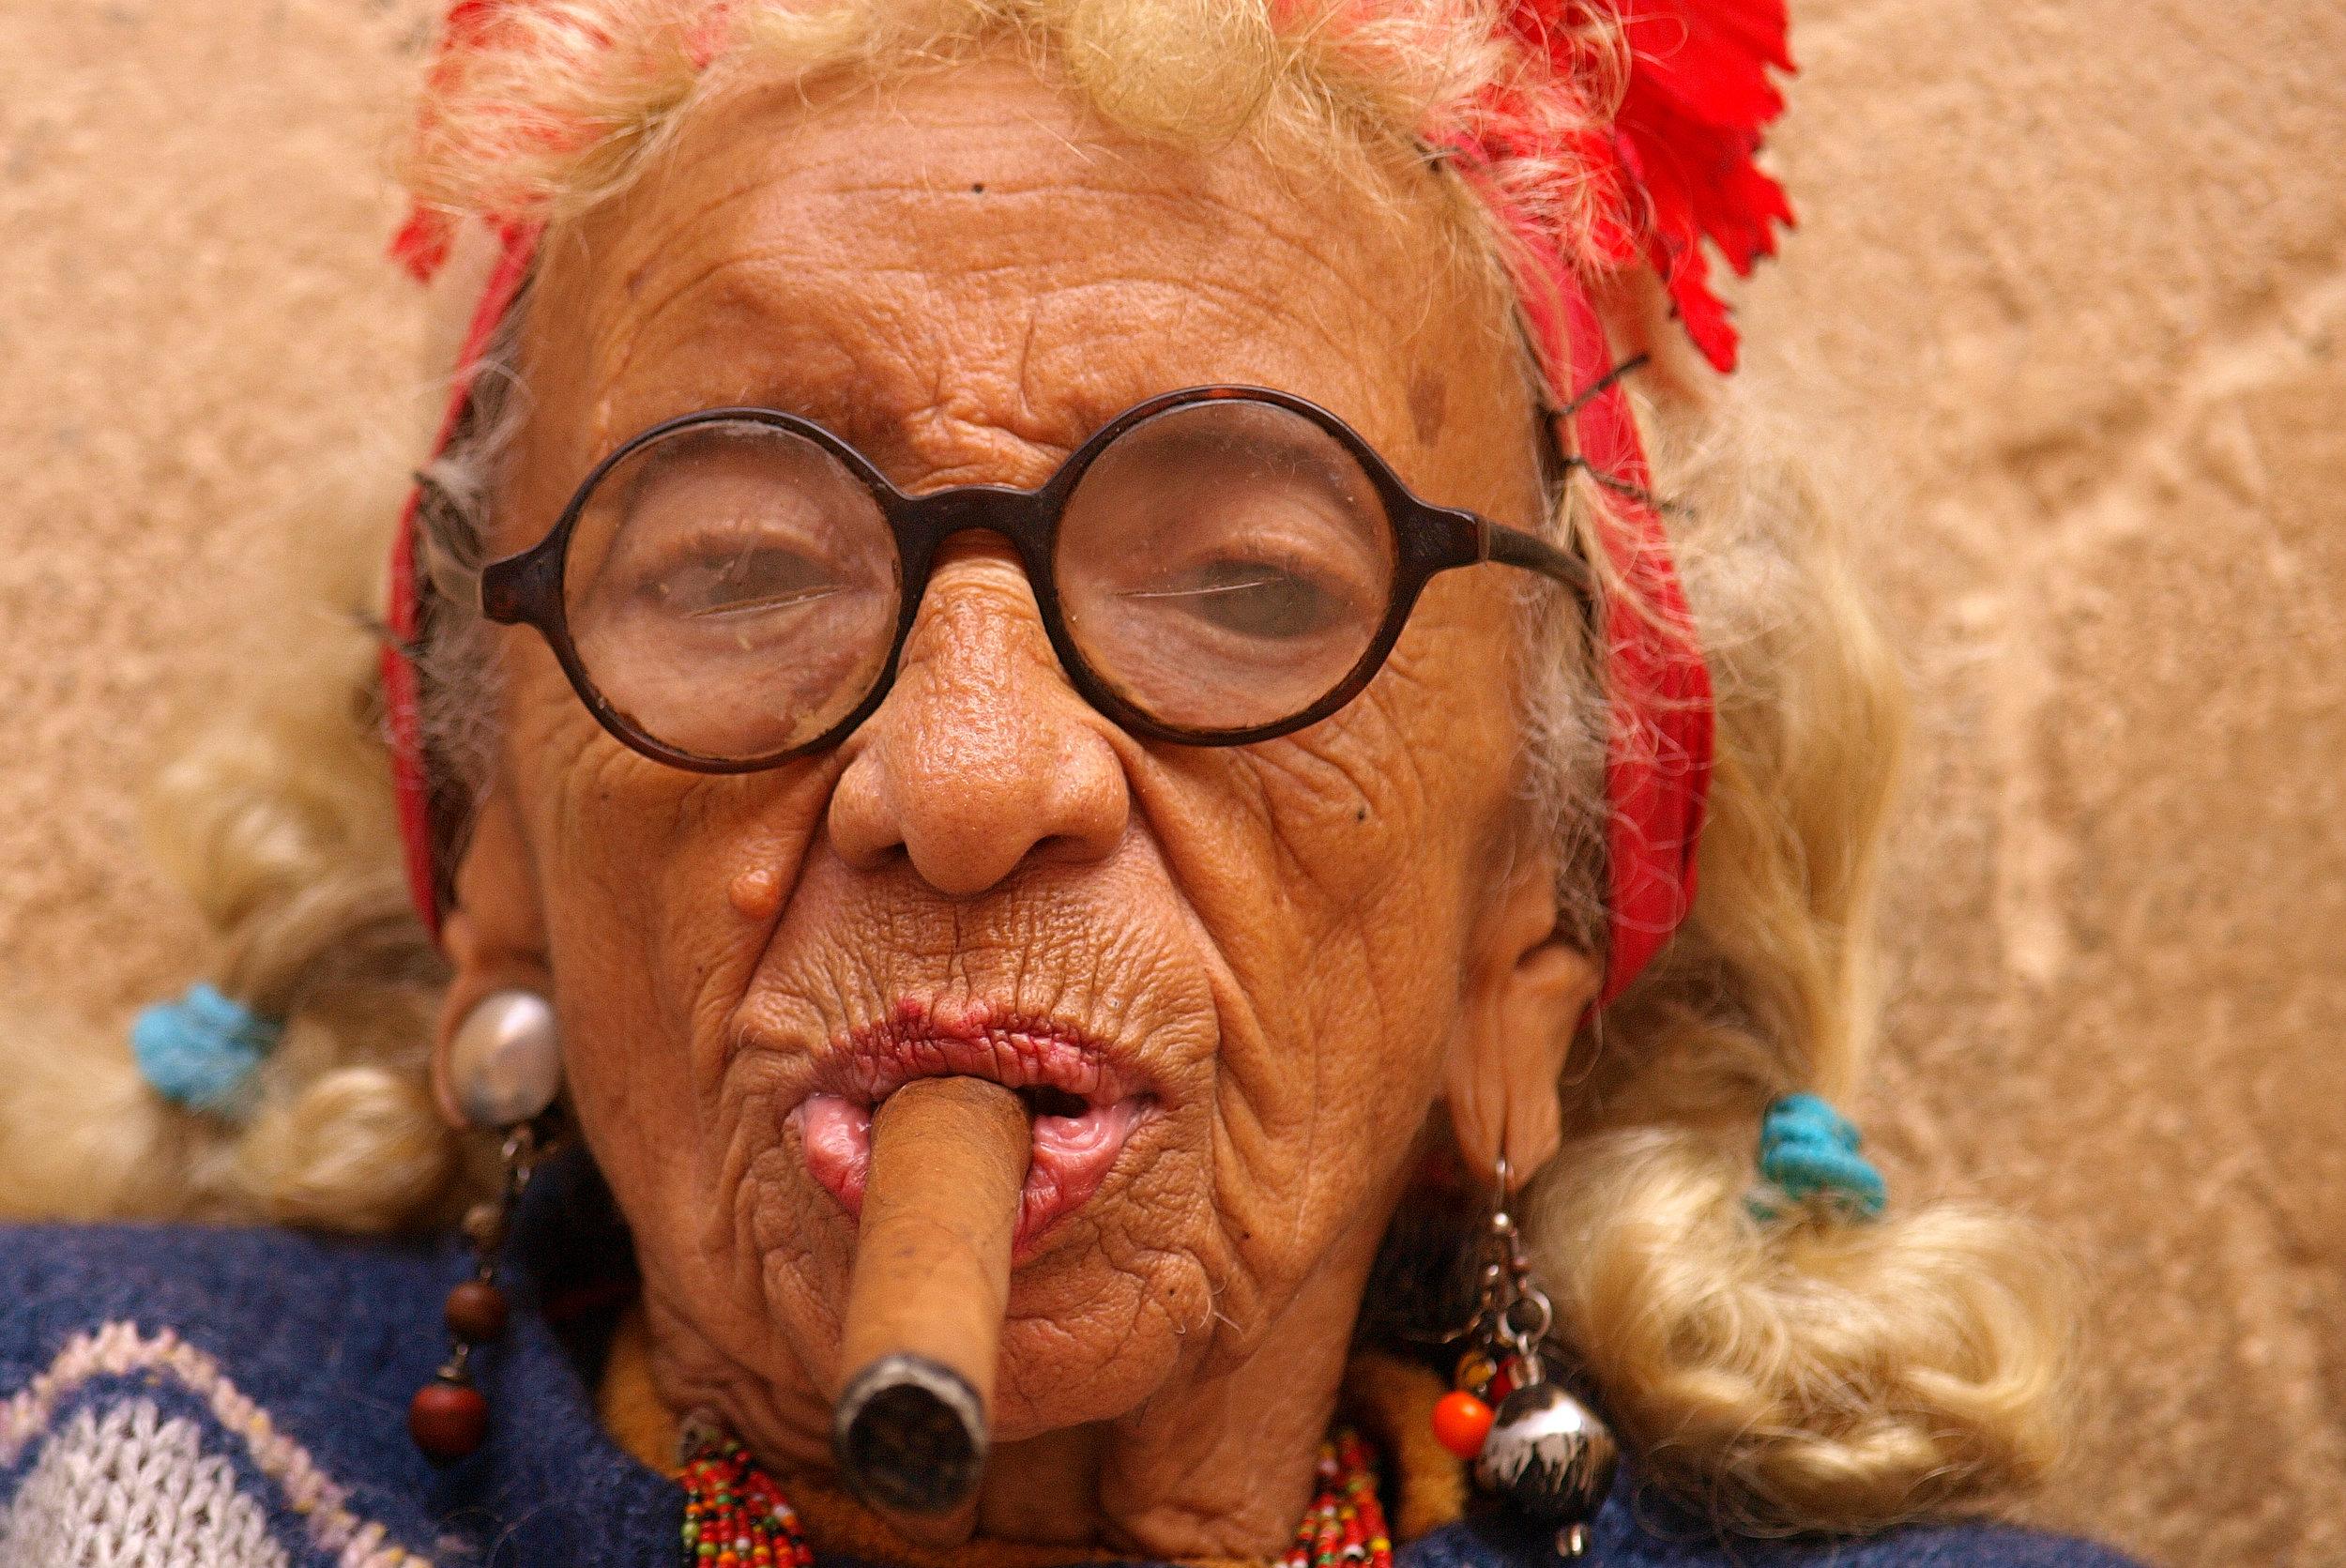 Cigar smoking woman in Cuba  Source: https://commons.wikimedia.org/wiki/File:Cigar_smoking_woman_in_Cuba.jpg